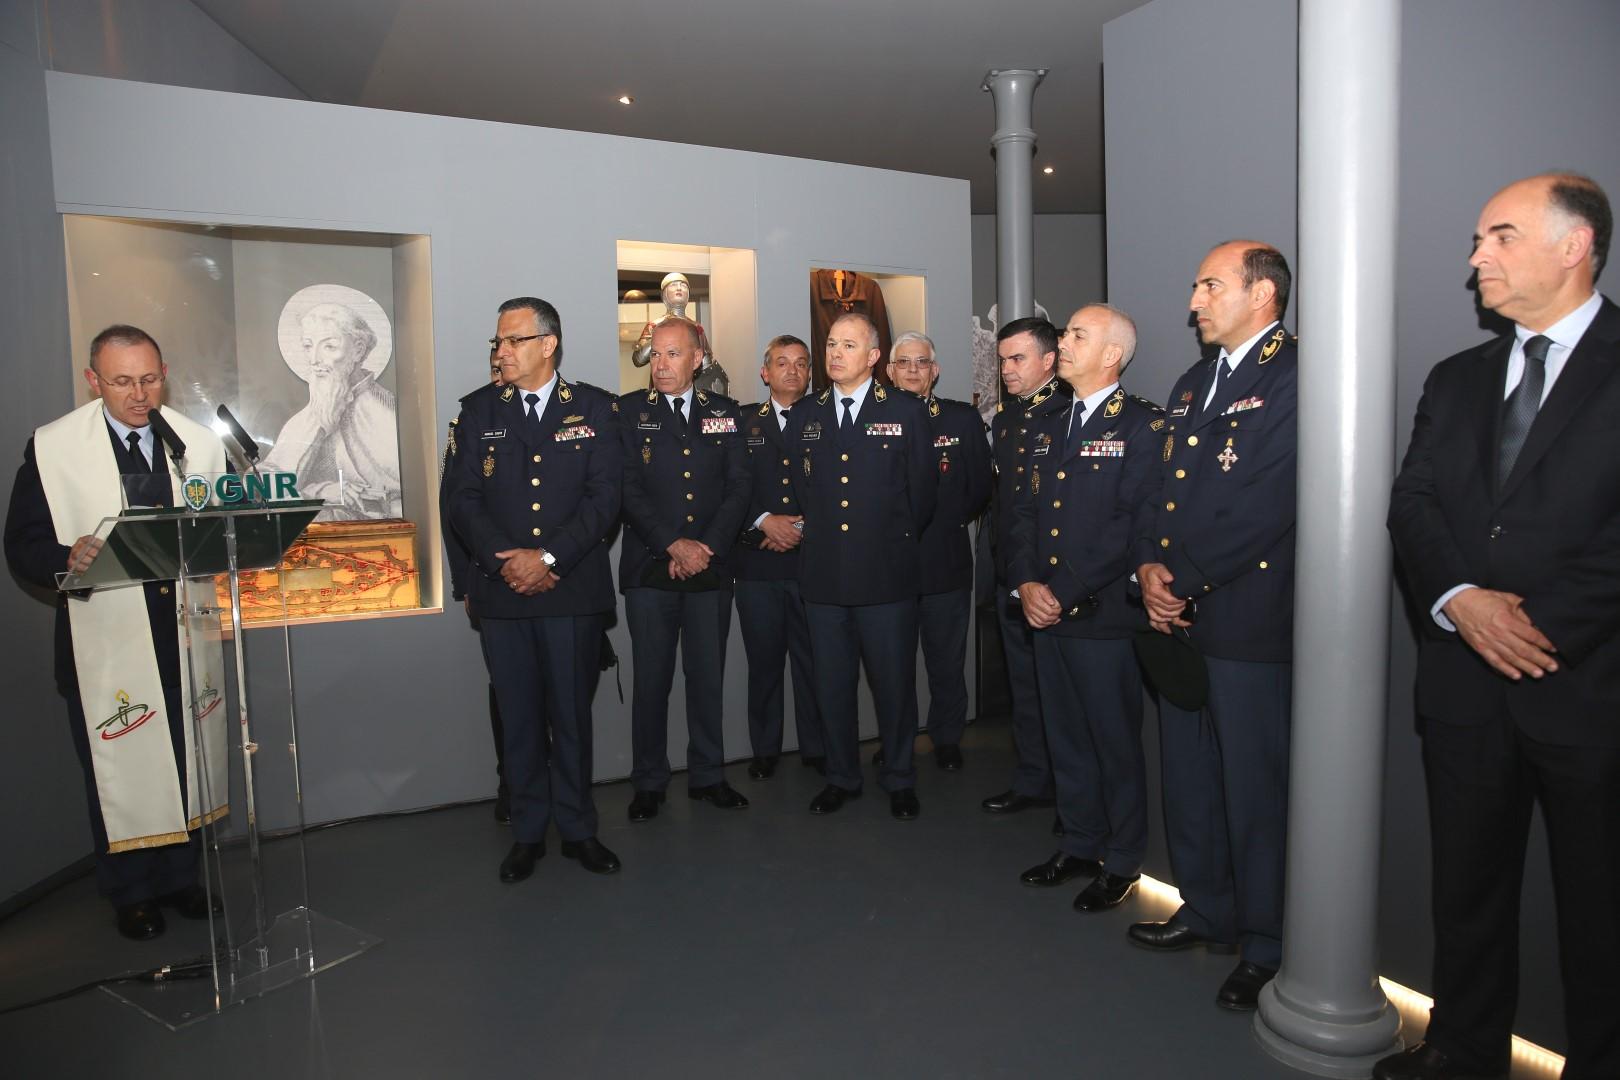 GNR_Bencao do Museu_2